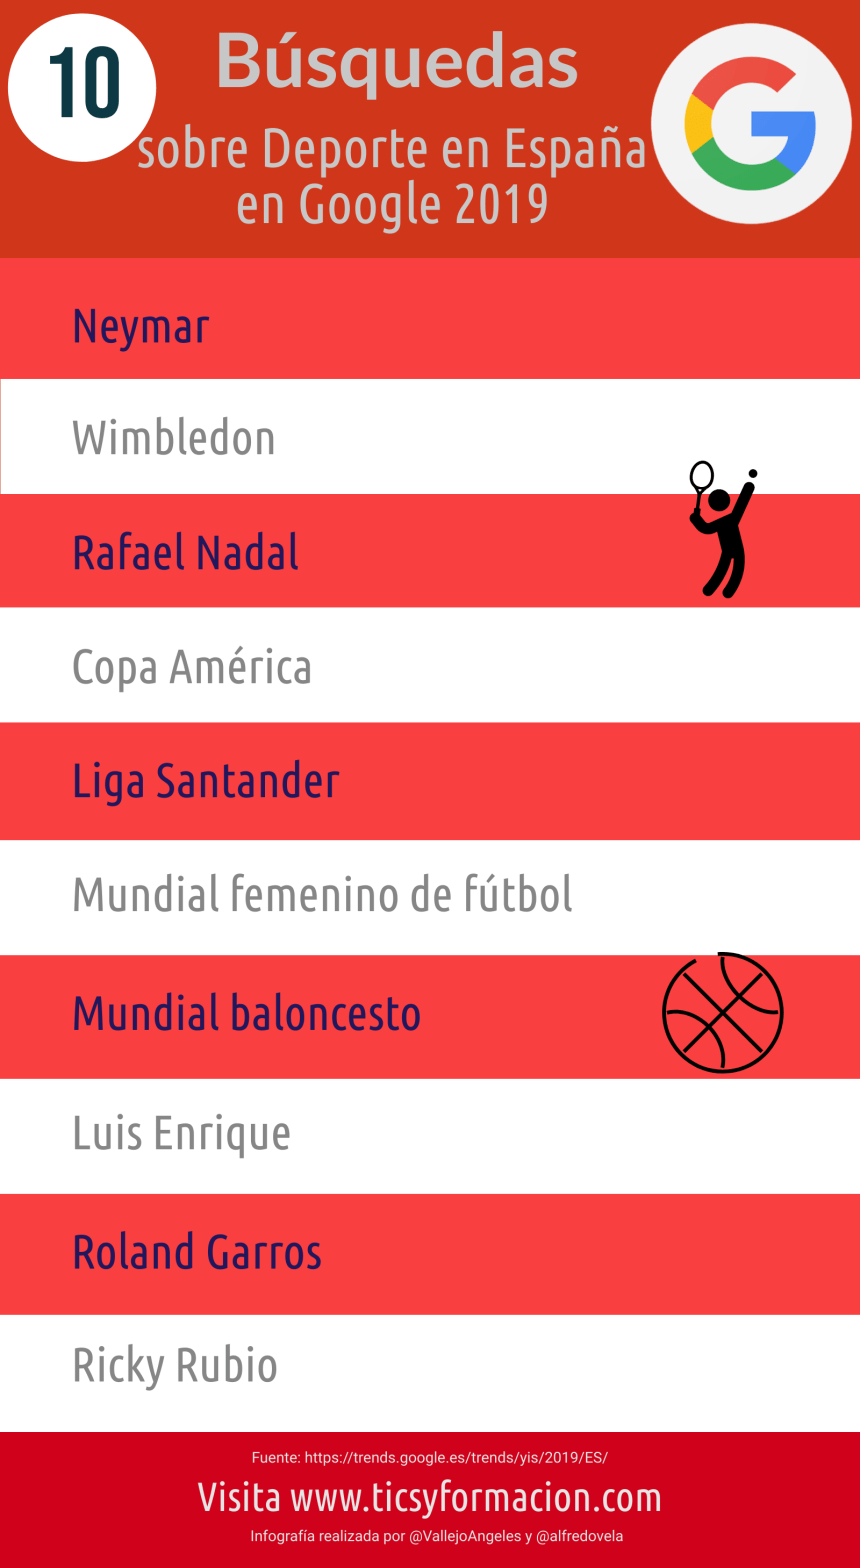 10 búsquedas sobre deporte más realizadas en Google en España 2019